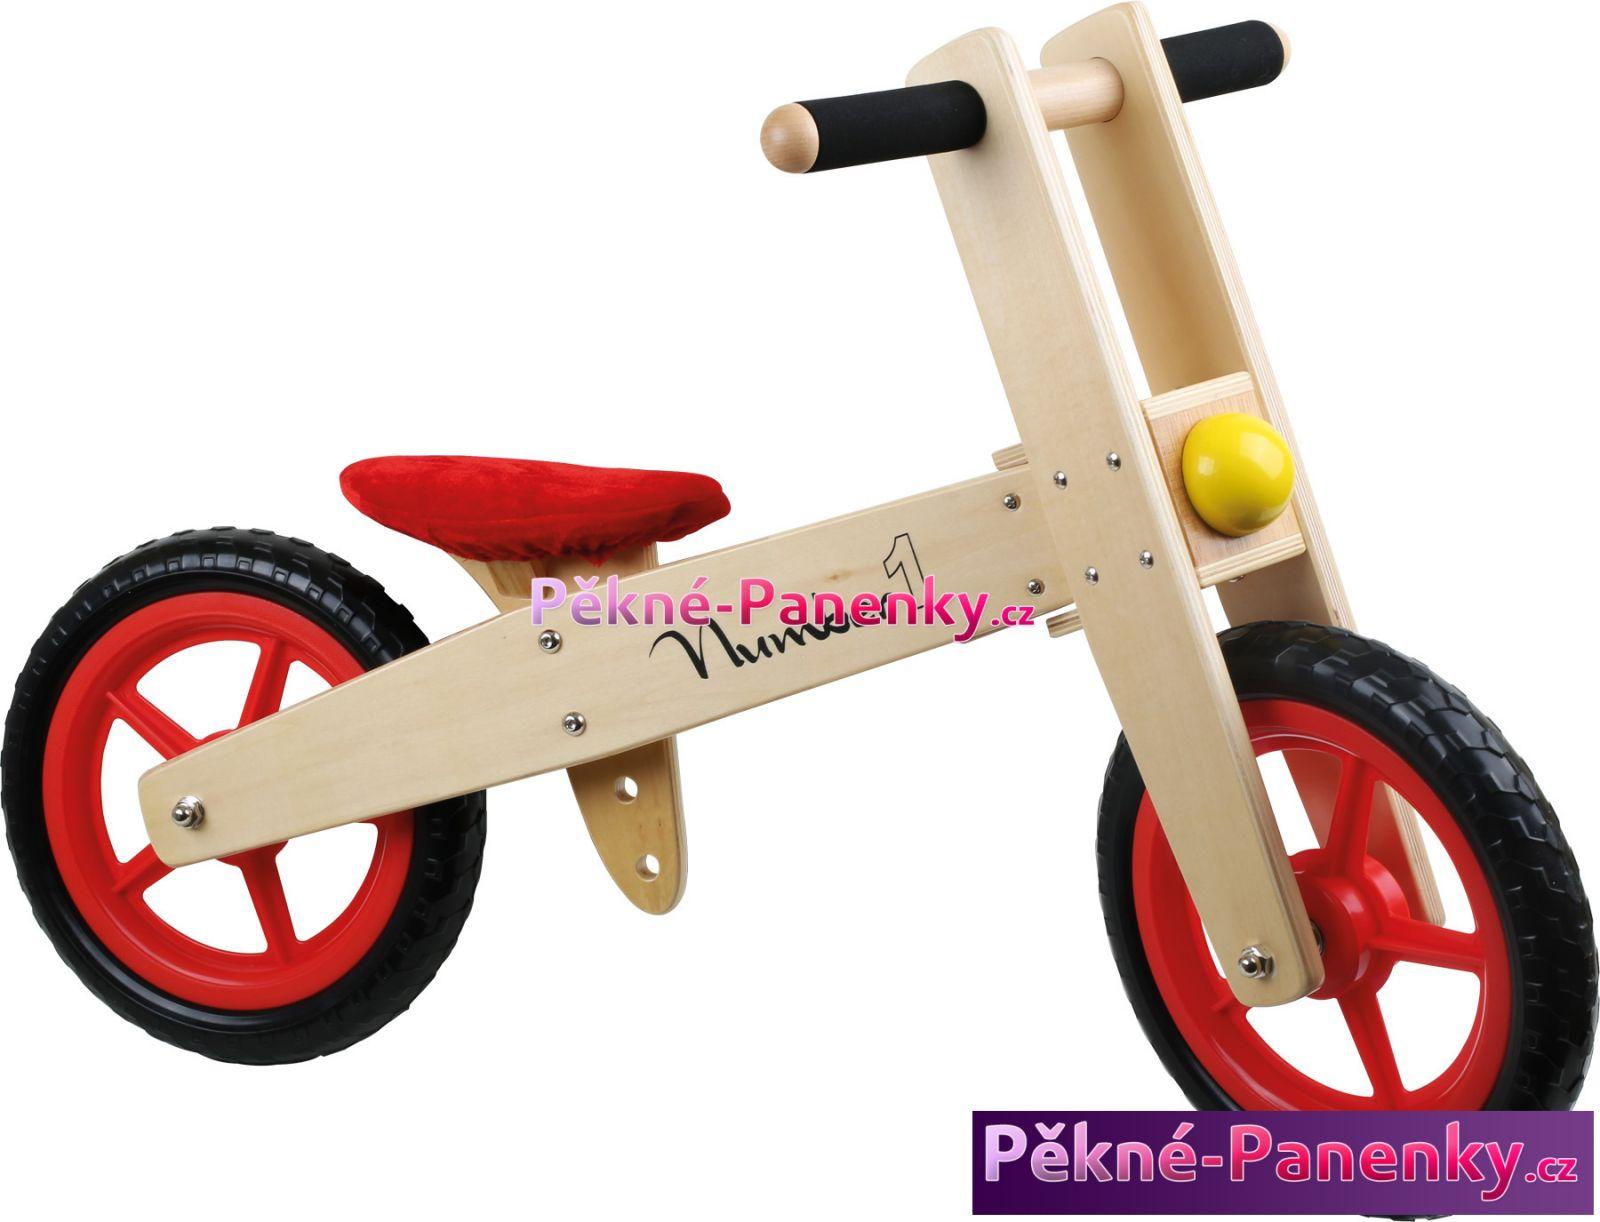 Legler odrážedlo pro nejmenší děti, odrážedlo motorka, kolo, dětská odrážedla, dětská odrážedla od 1 roku, dřevěné odrážedlo, odstrkávadlo